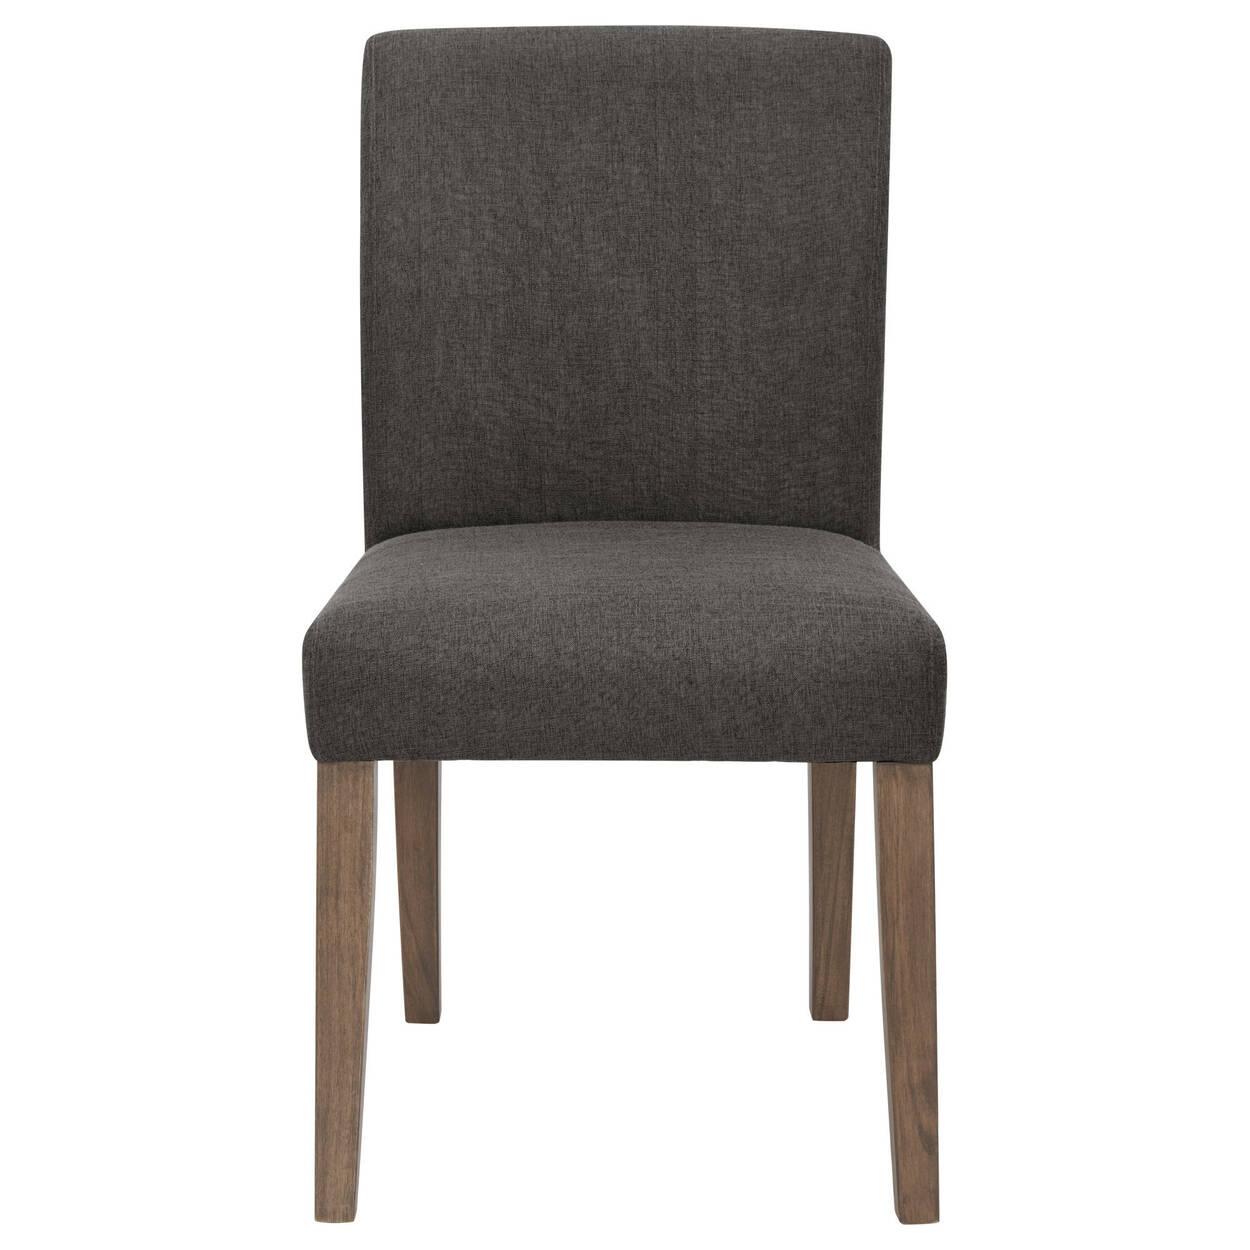 Chaise de salle à manger en tissu et en bois d'hévéa avec siège et dossier séparés